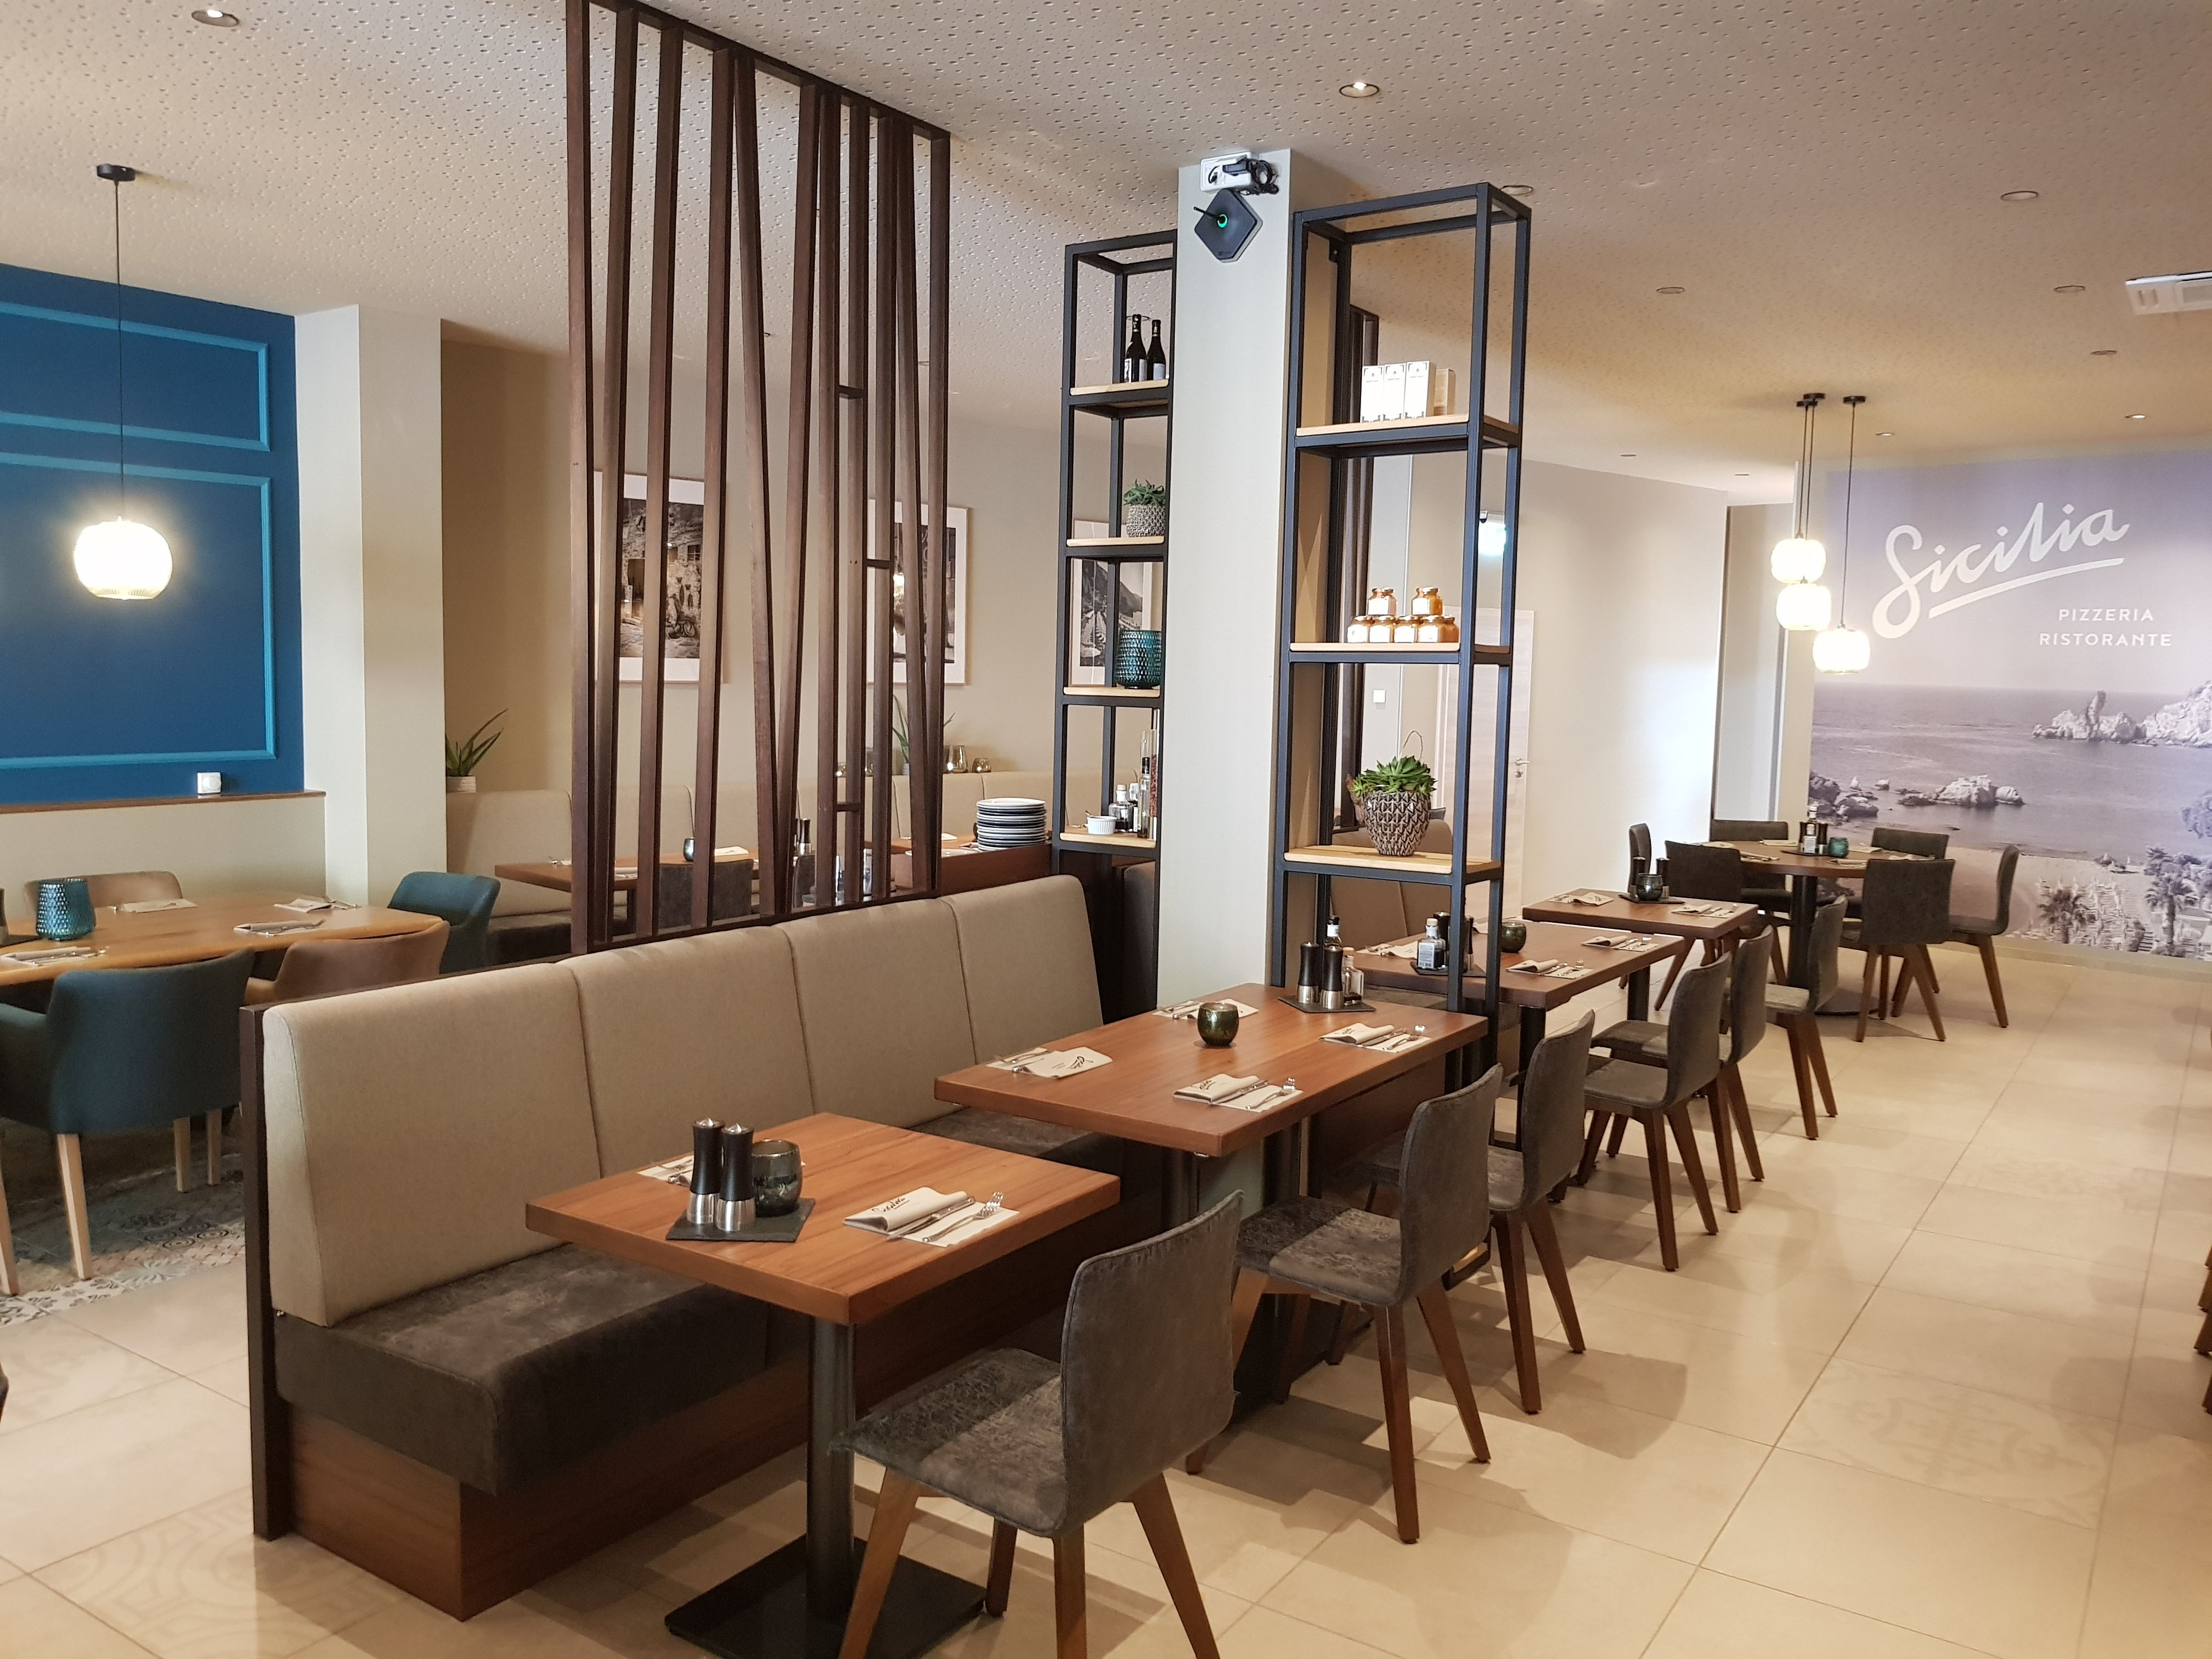 Stuhl Lotte 11778   Gastronomie möbel, Stühle, Wohnen